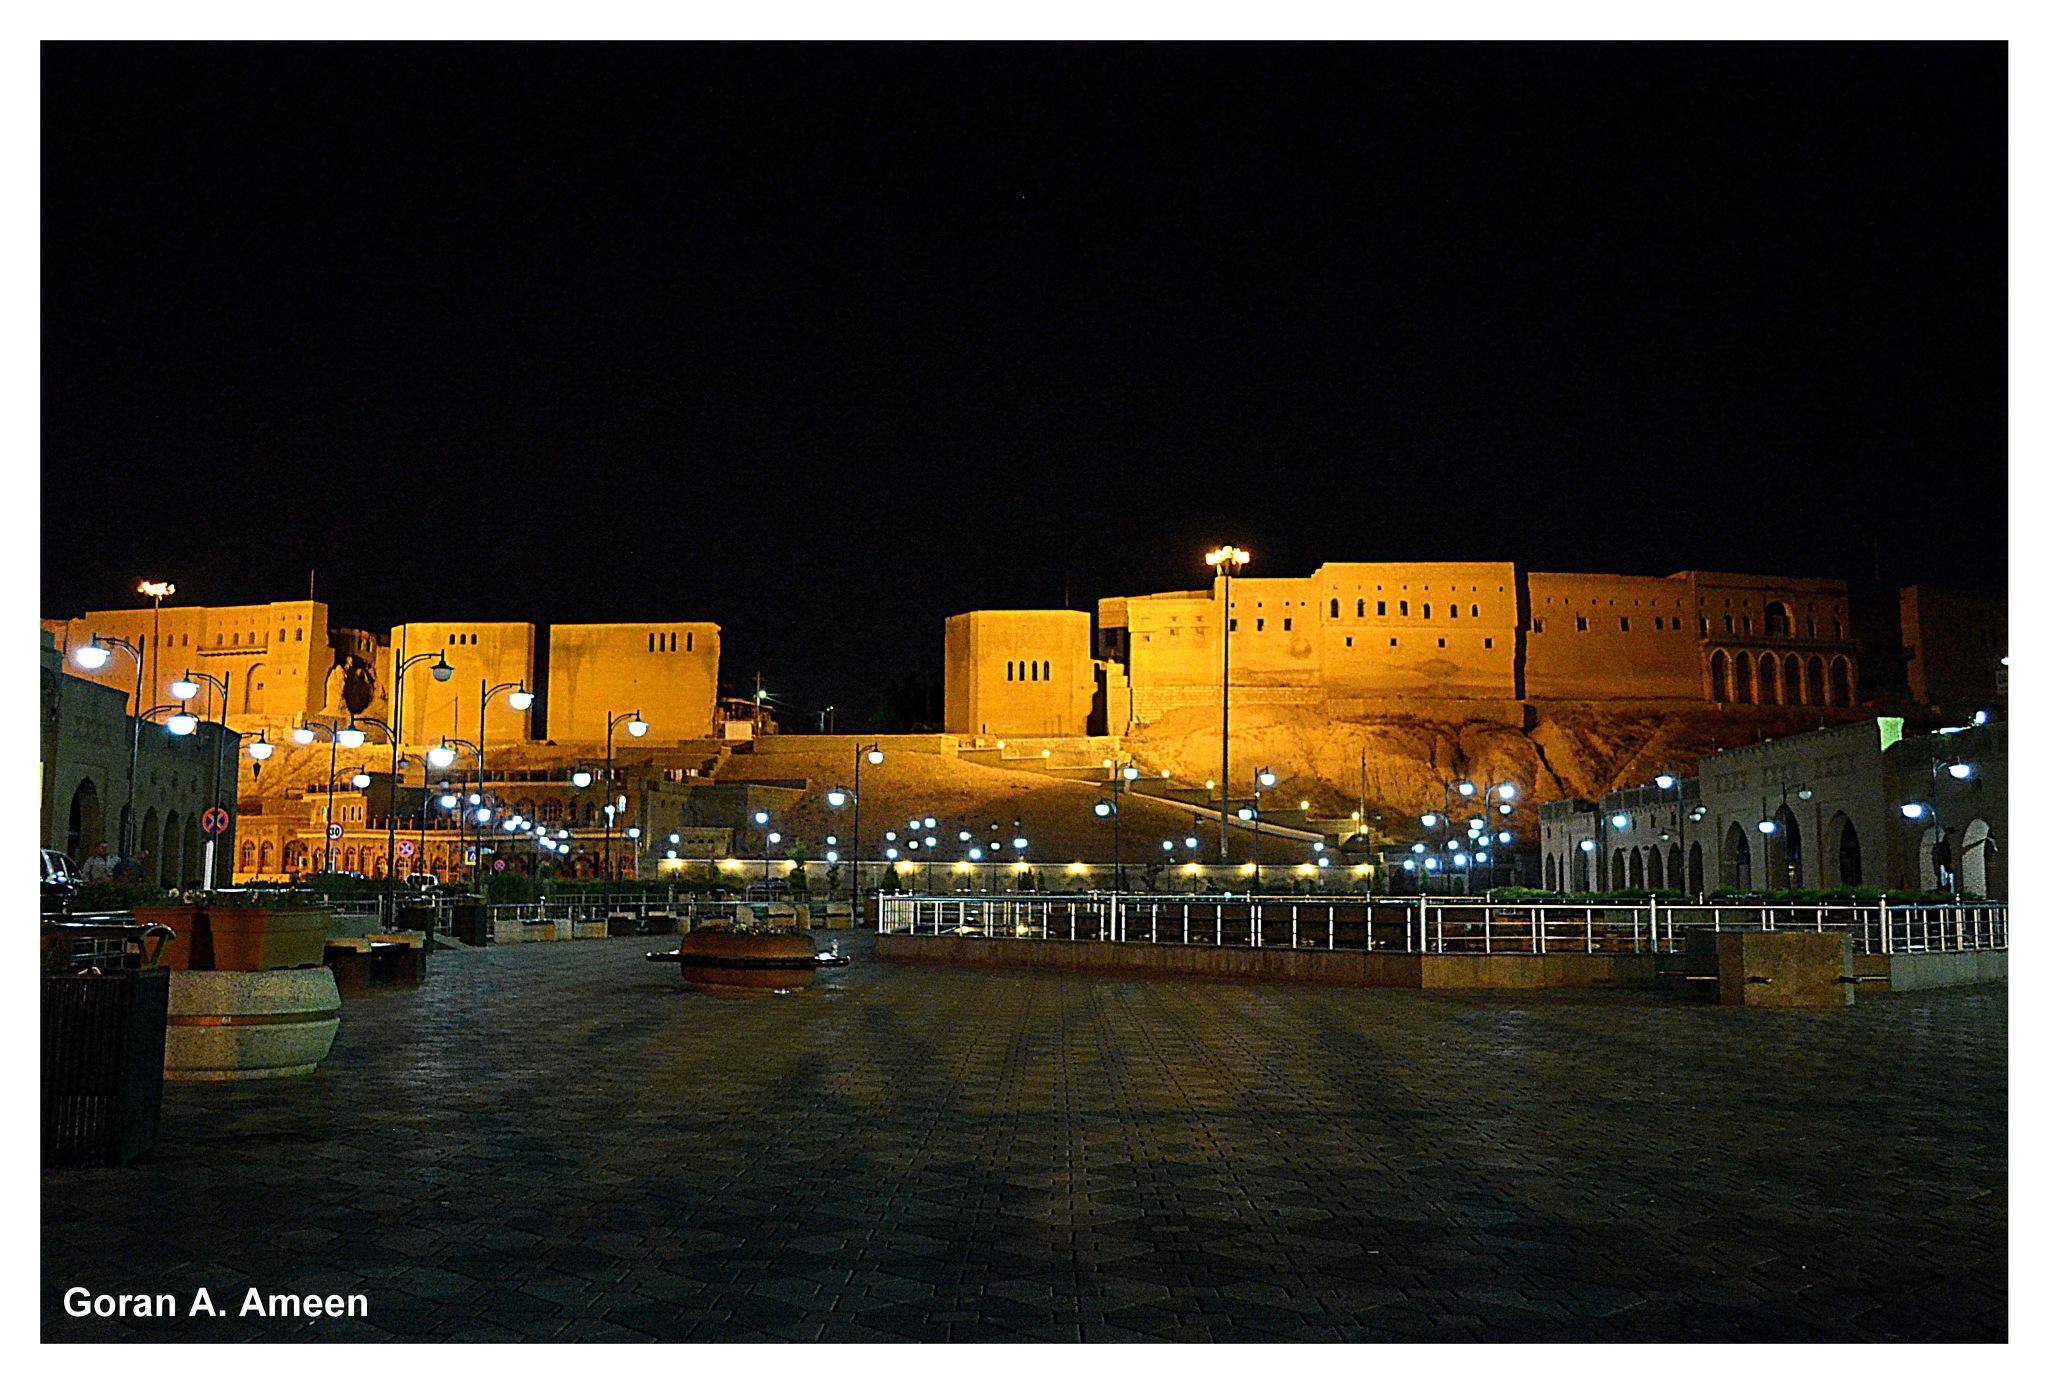 Citadel of Erbil - Kurdistan by Goran A. Ameen